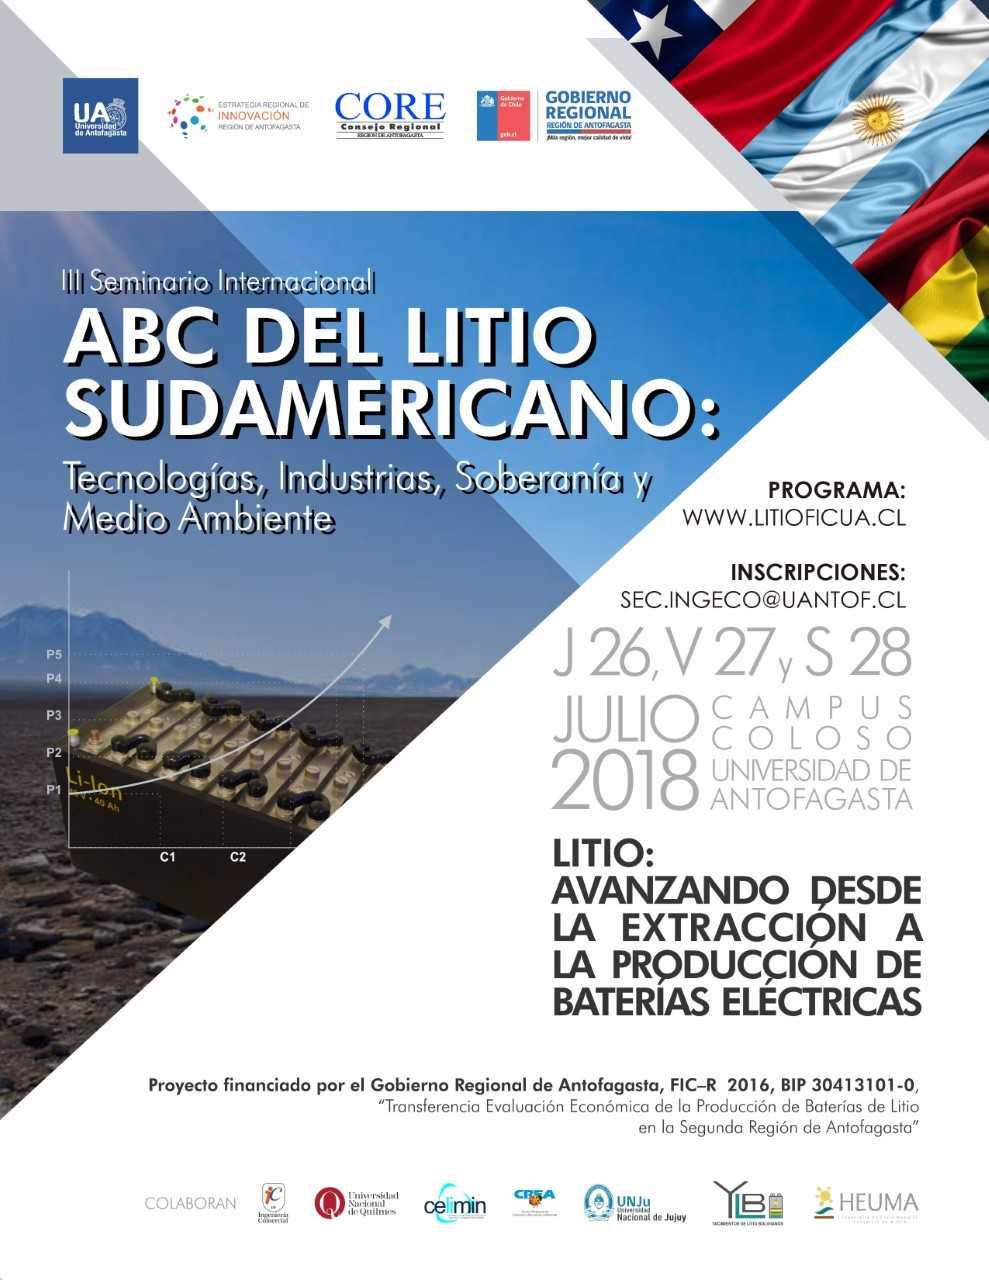 UA convoca a seminario internacional del litio